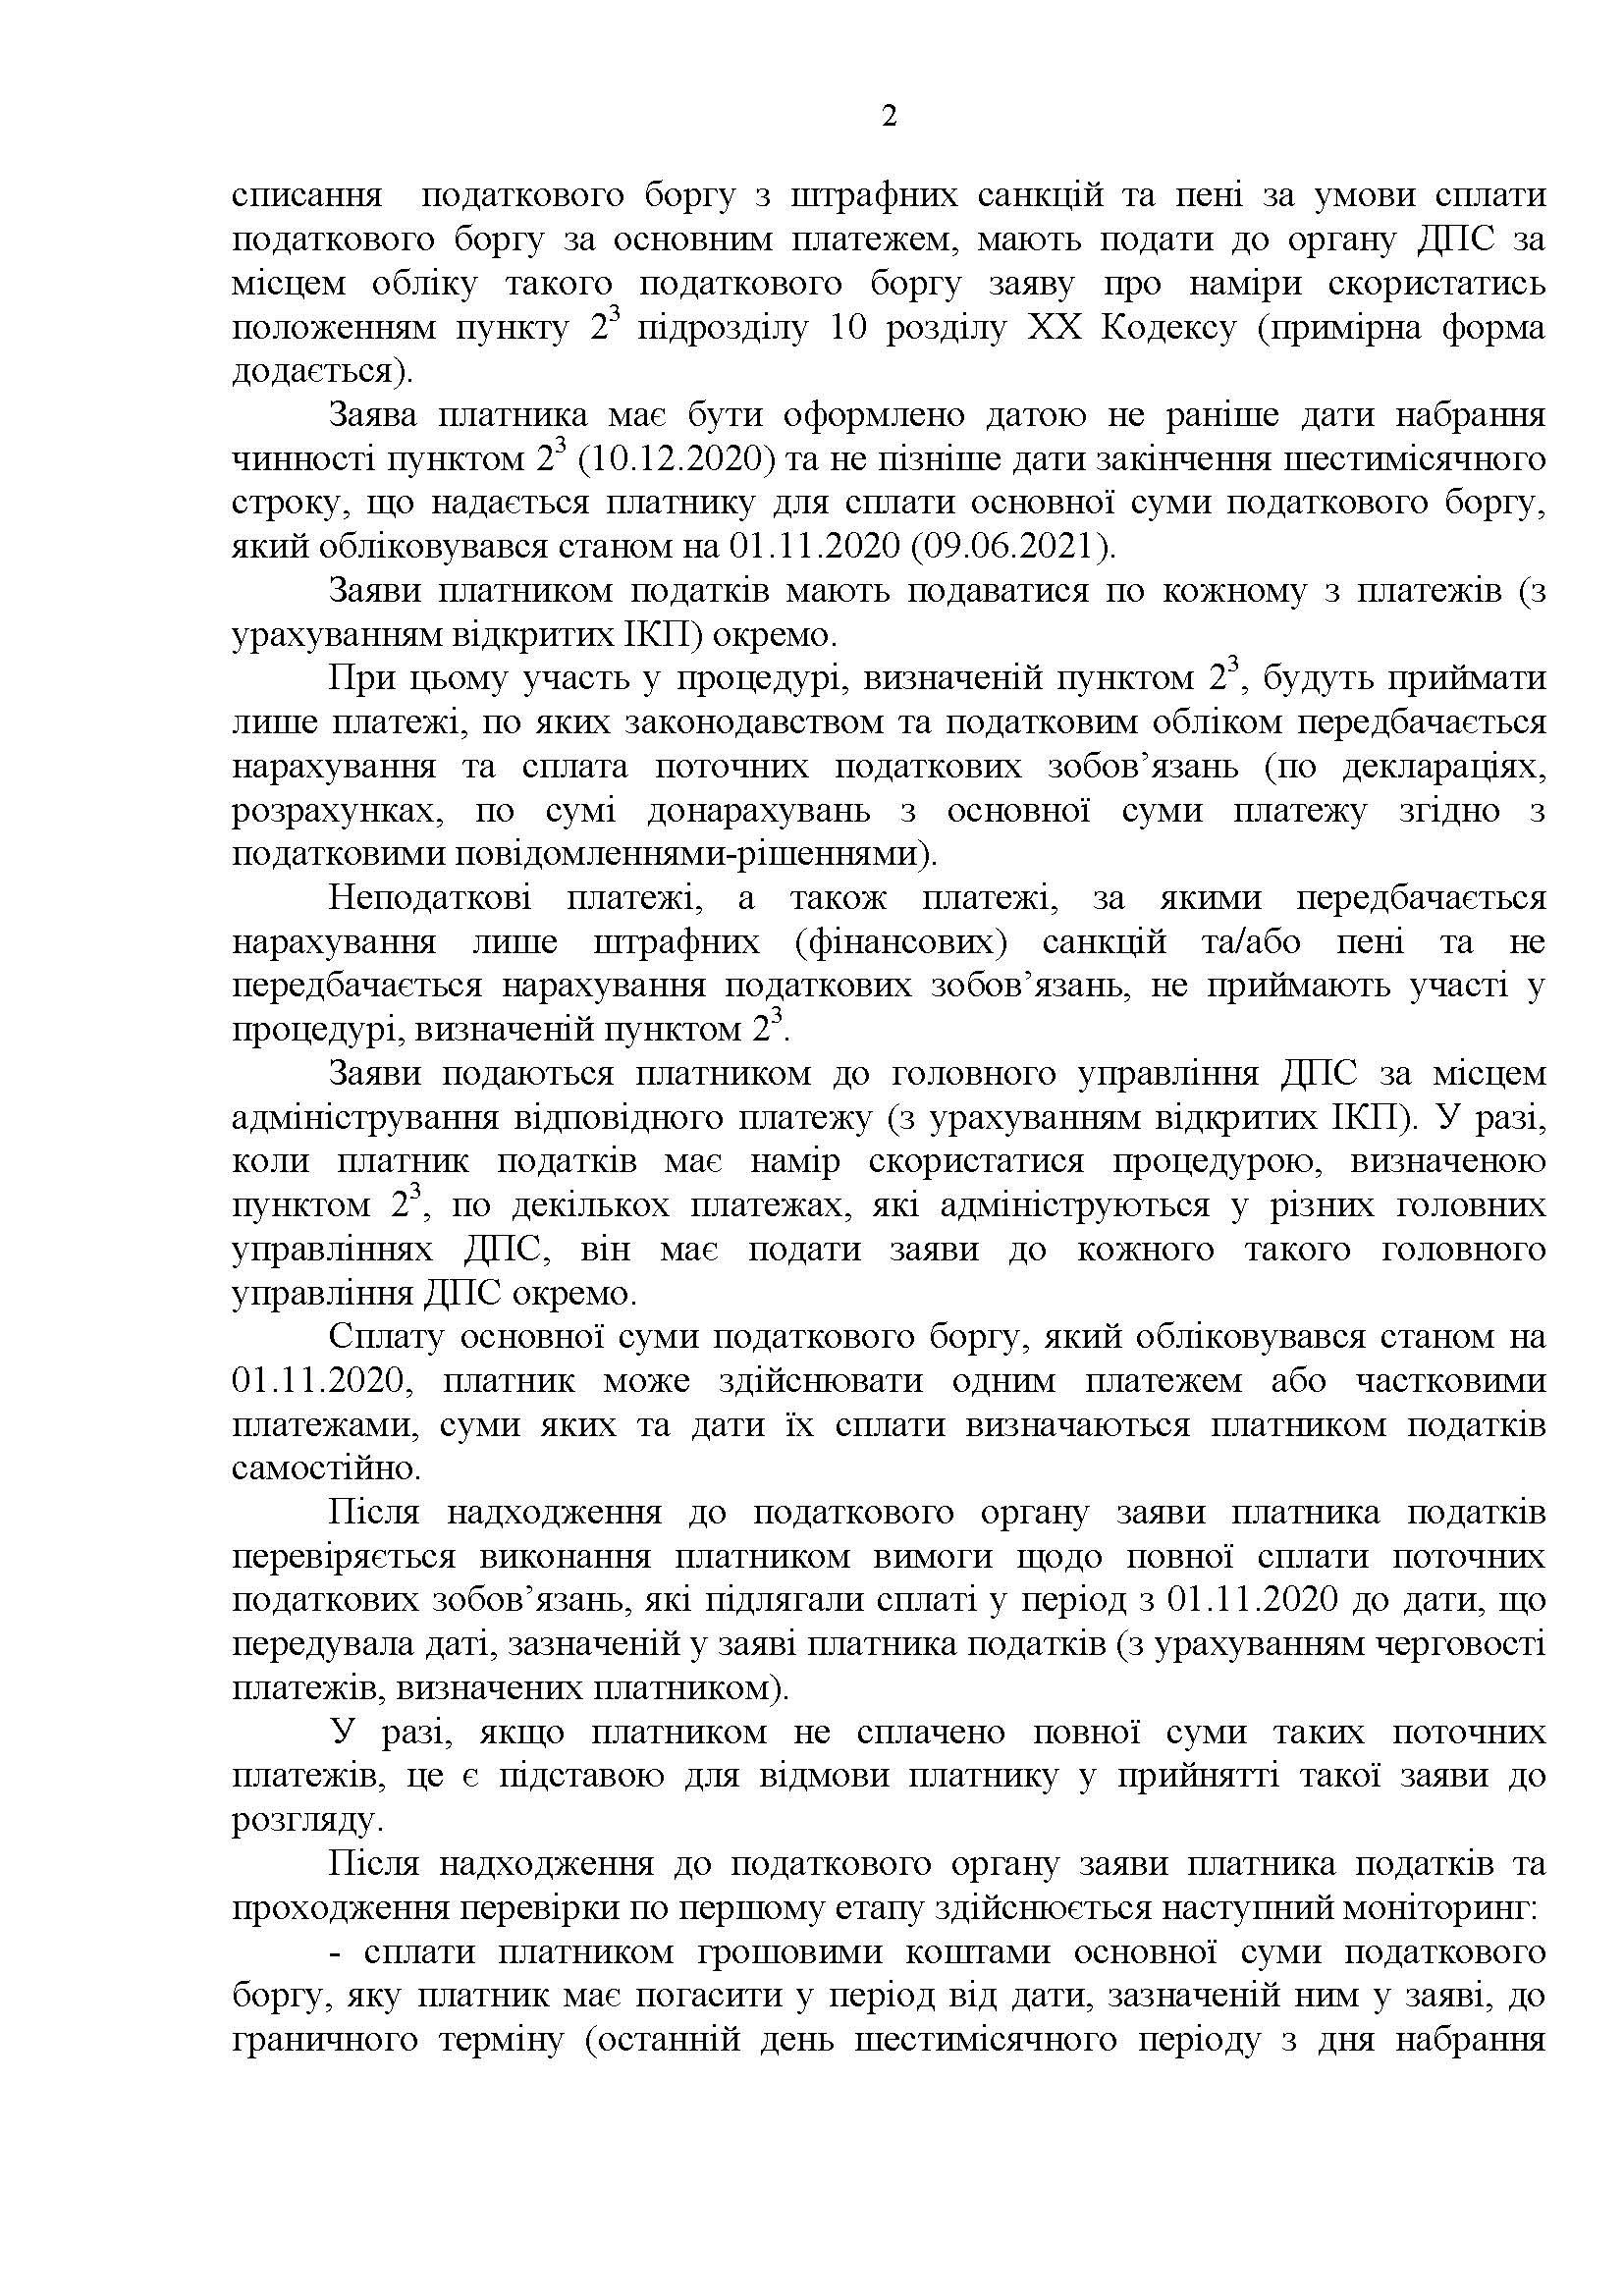 Info_21.04.2021 (1)_Страница_2